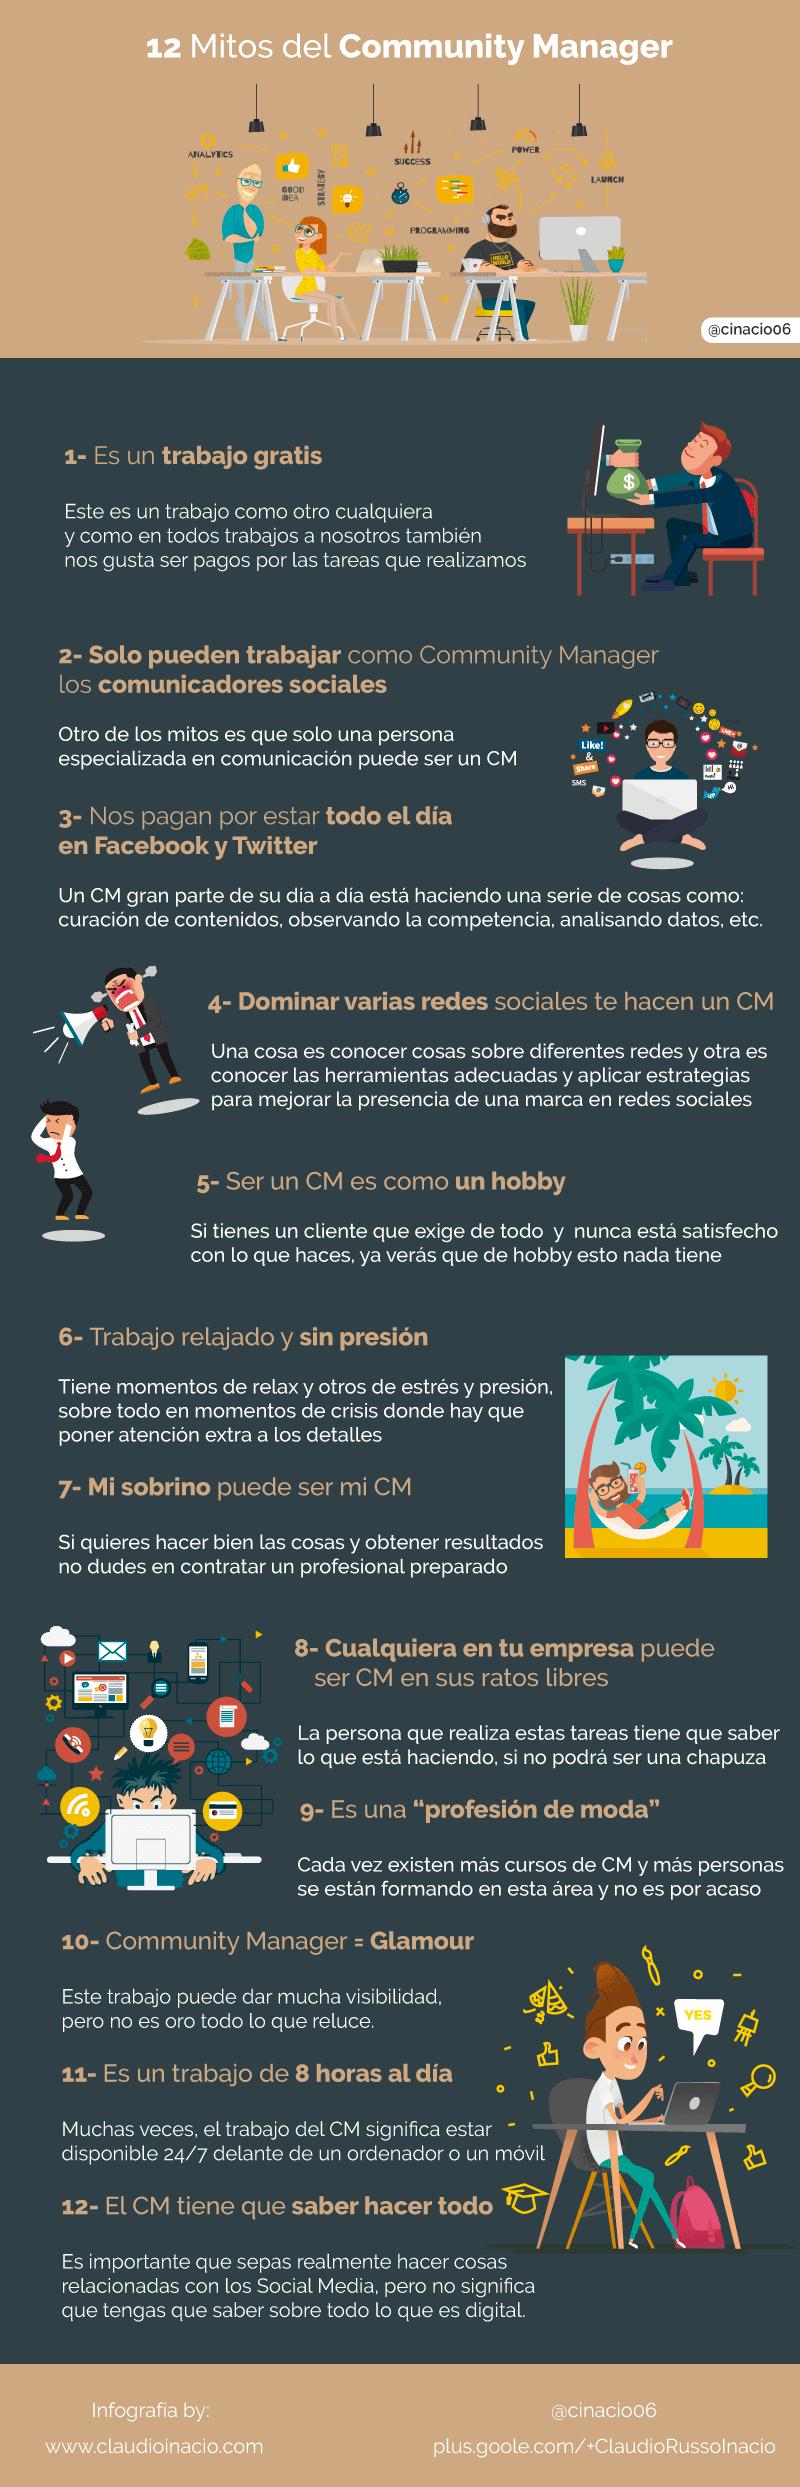 infografía mitos del Community Manager